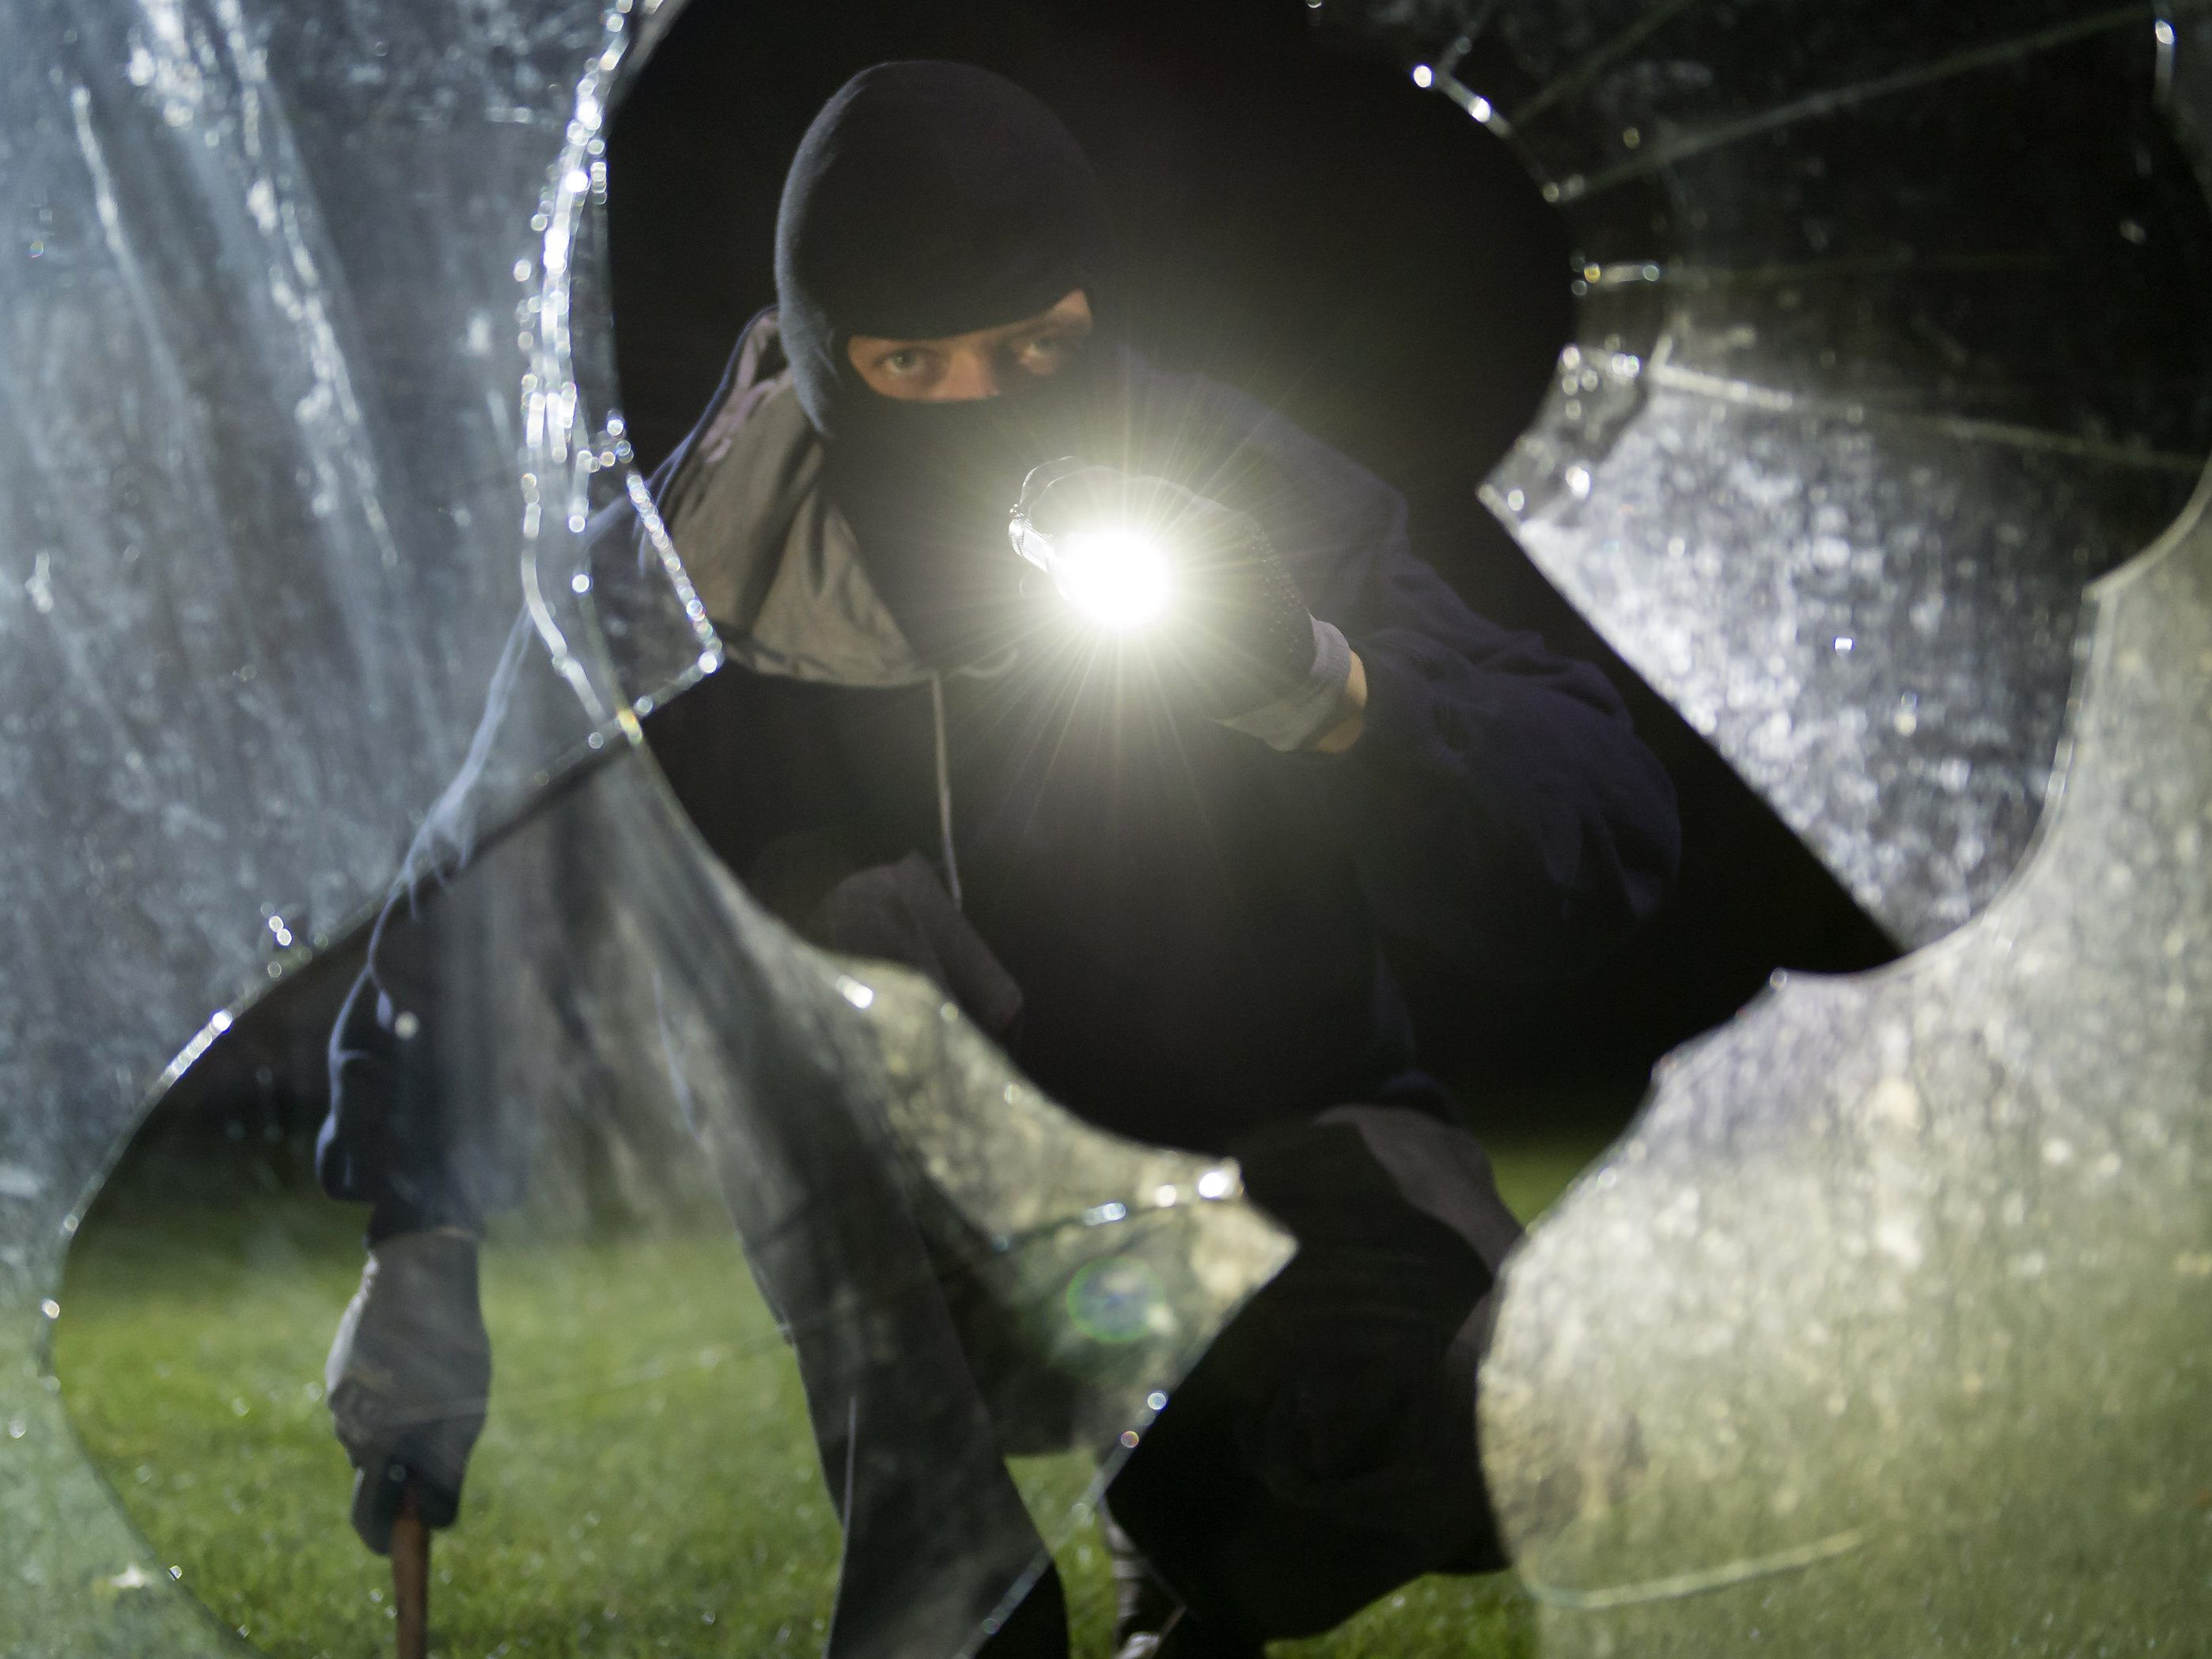 Der Einbrecher stieg über ein gekipptes Fenster in den Keller in  Wien-Favoriten. a00116bdf12